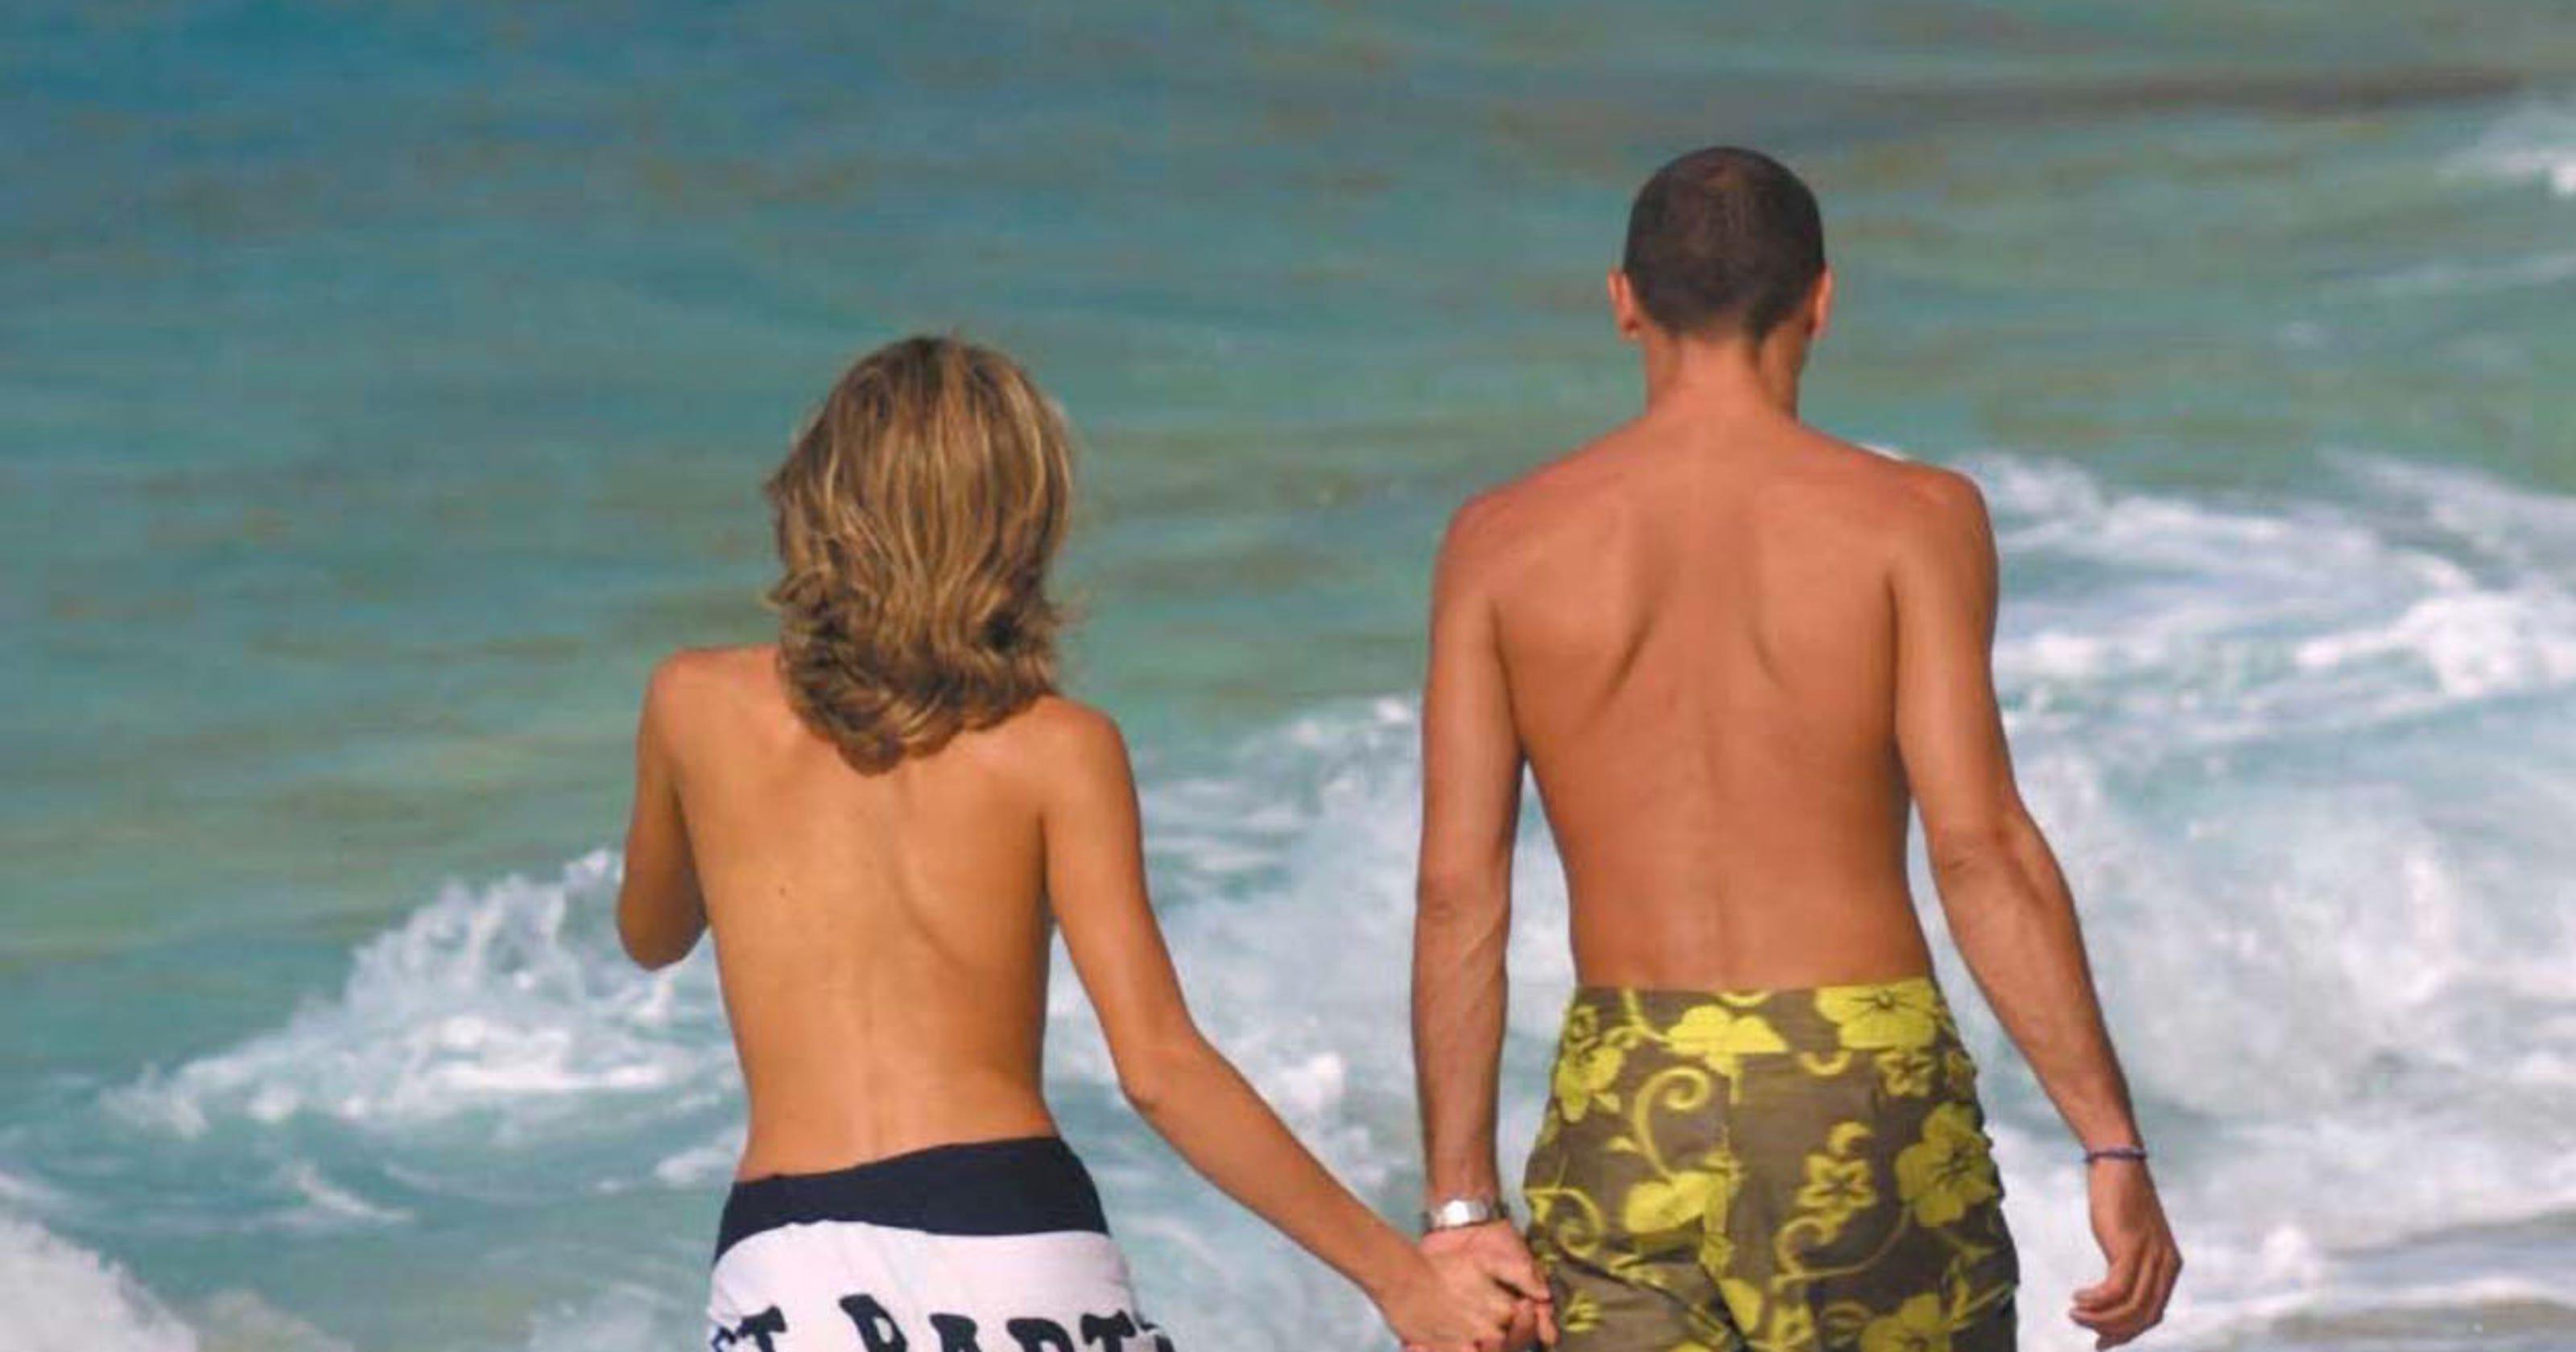 Visit Florida: Nudist group embellished partnership